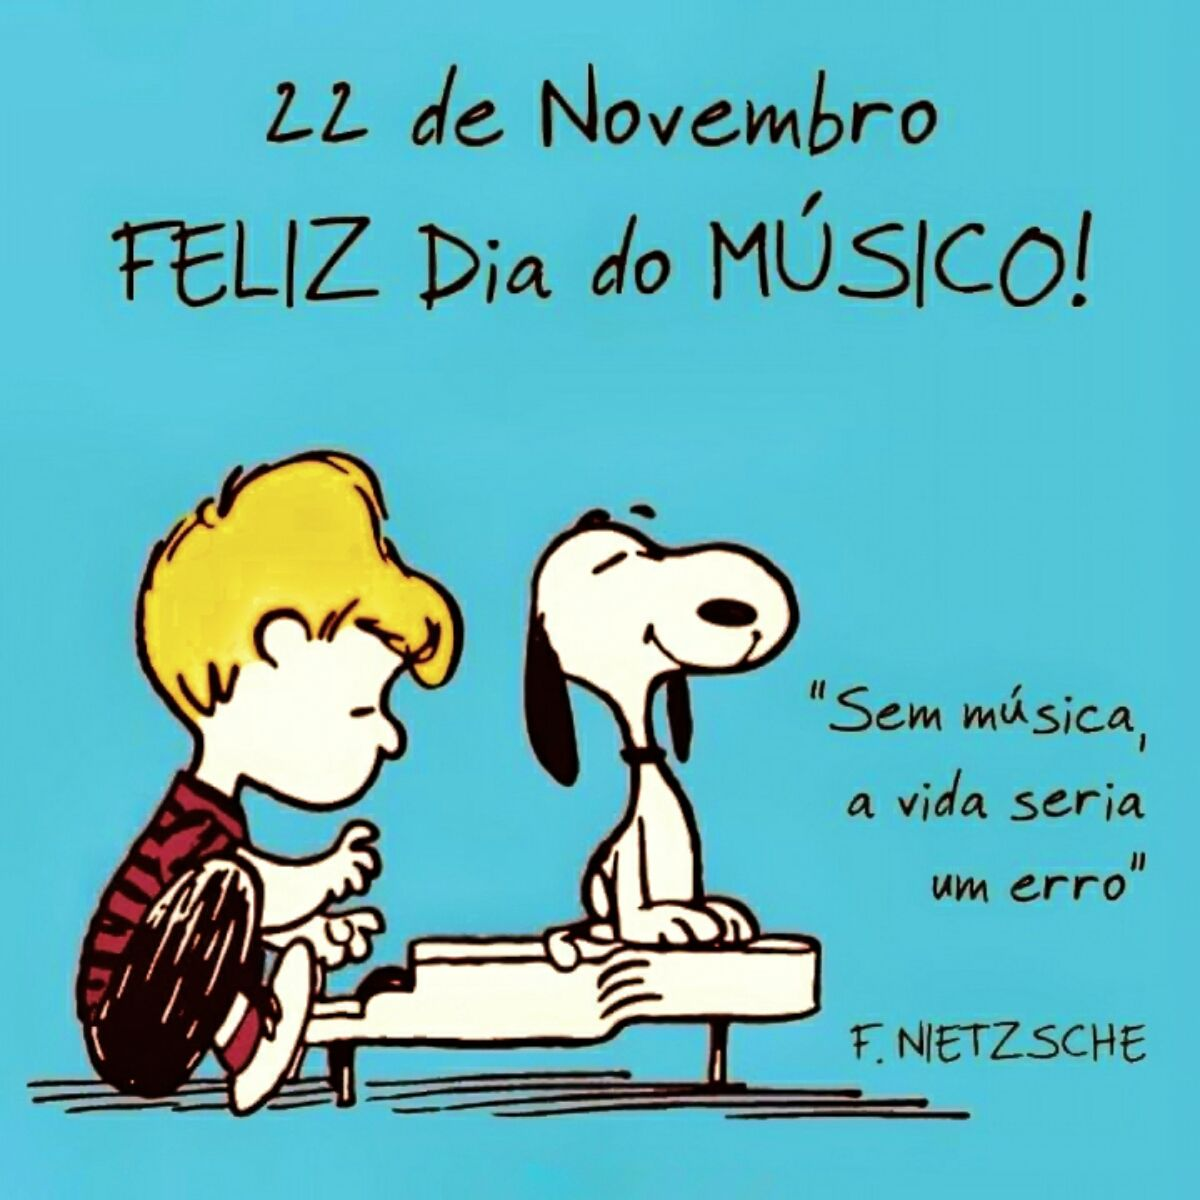 Dia Do Musico 22 De Novembro Com Imagens Dia Da Musica Feliz